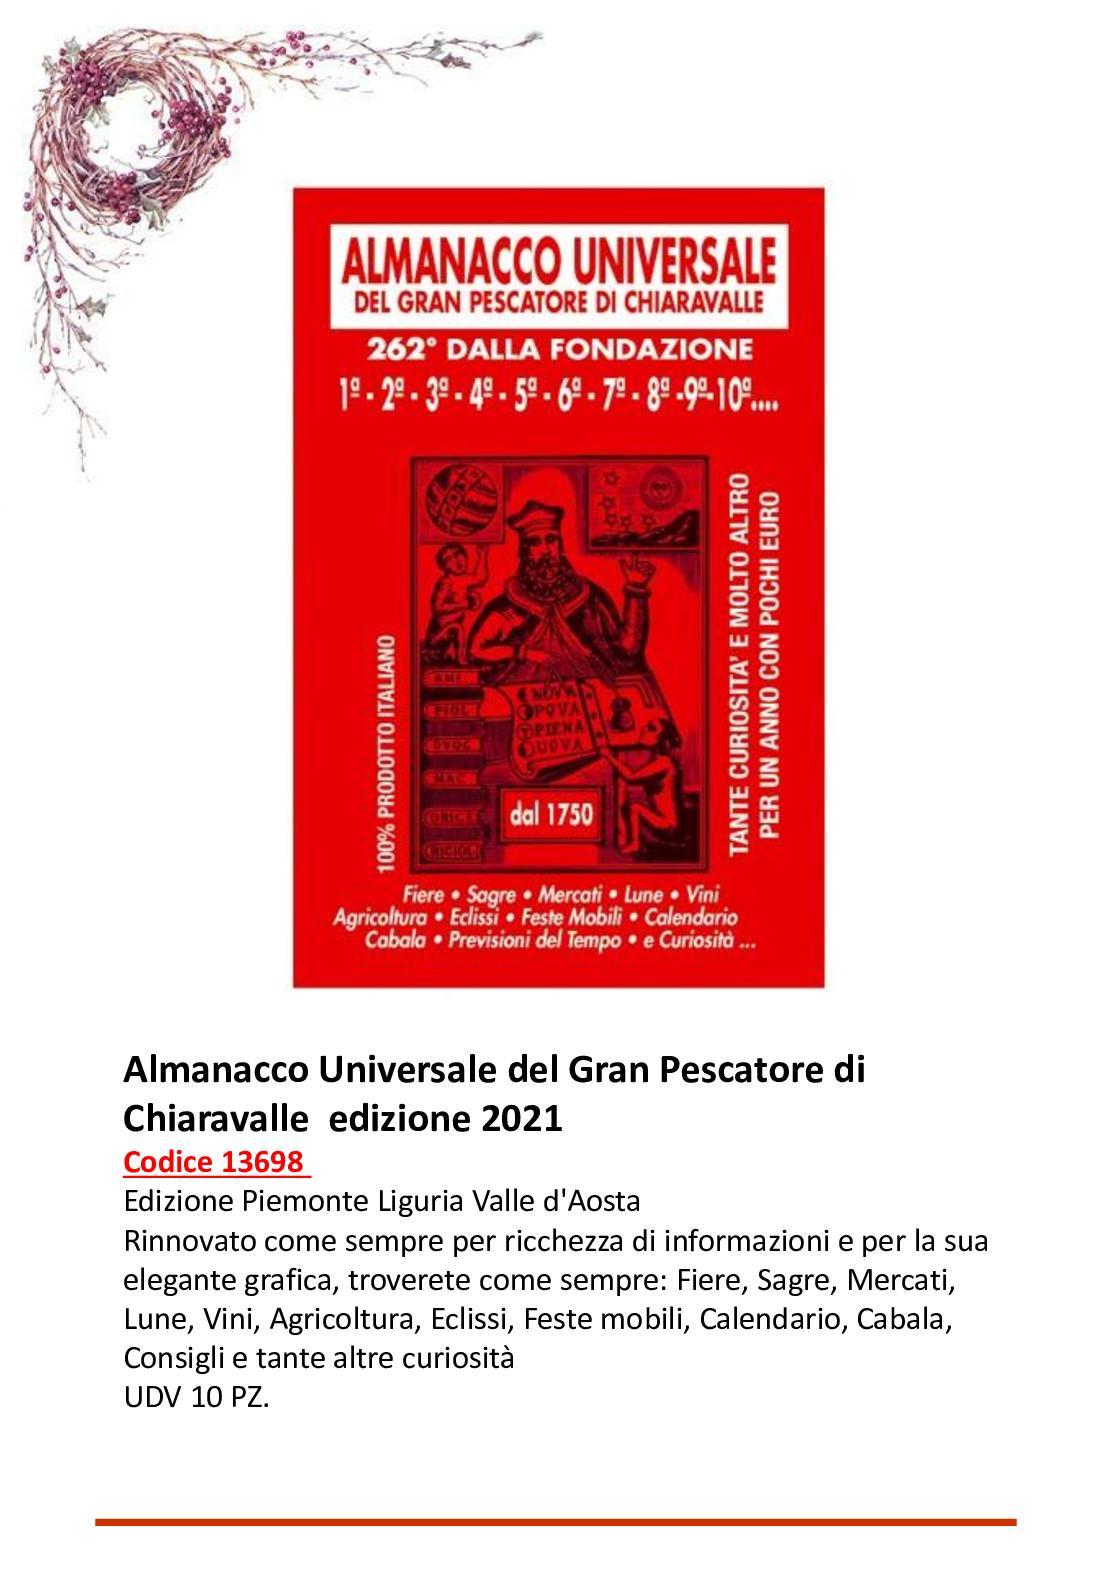 Calendario Sagre Liguria 2021 Calaméo   36406 2020